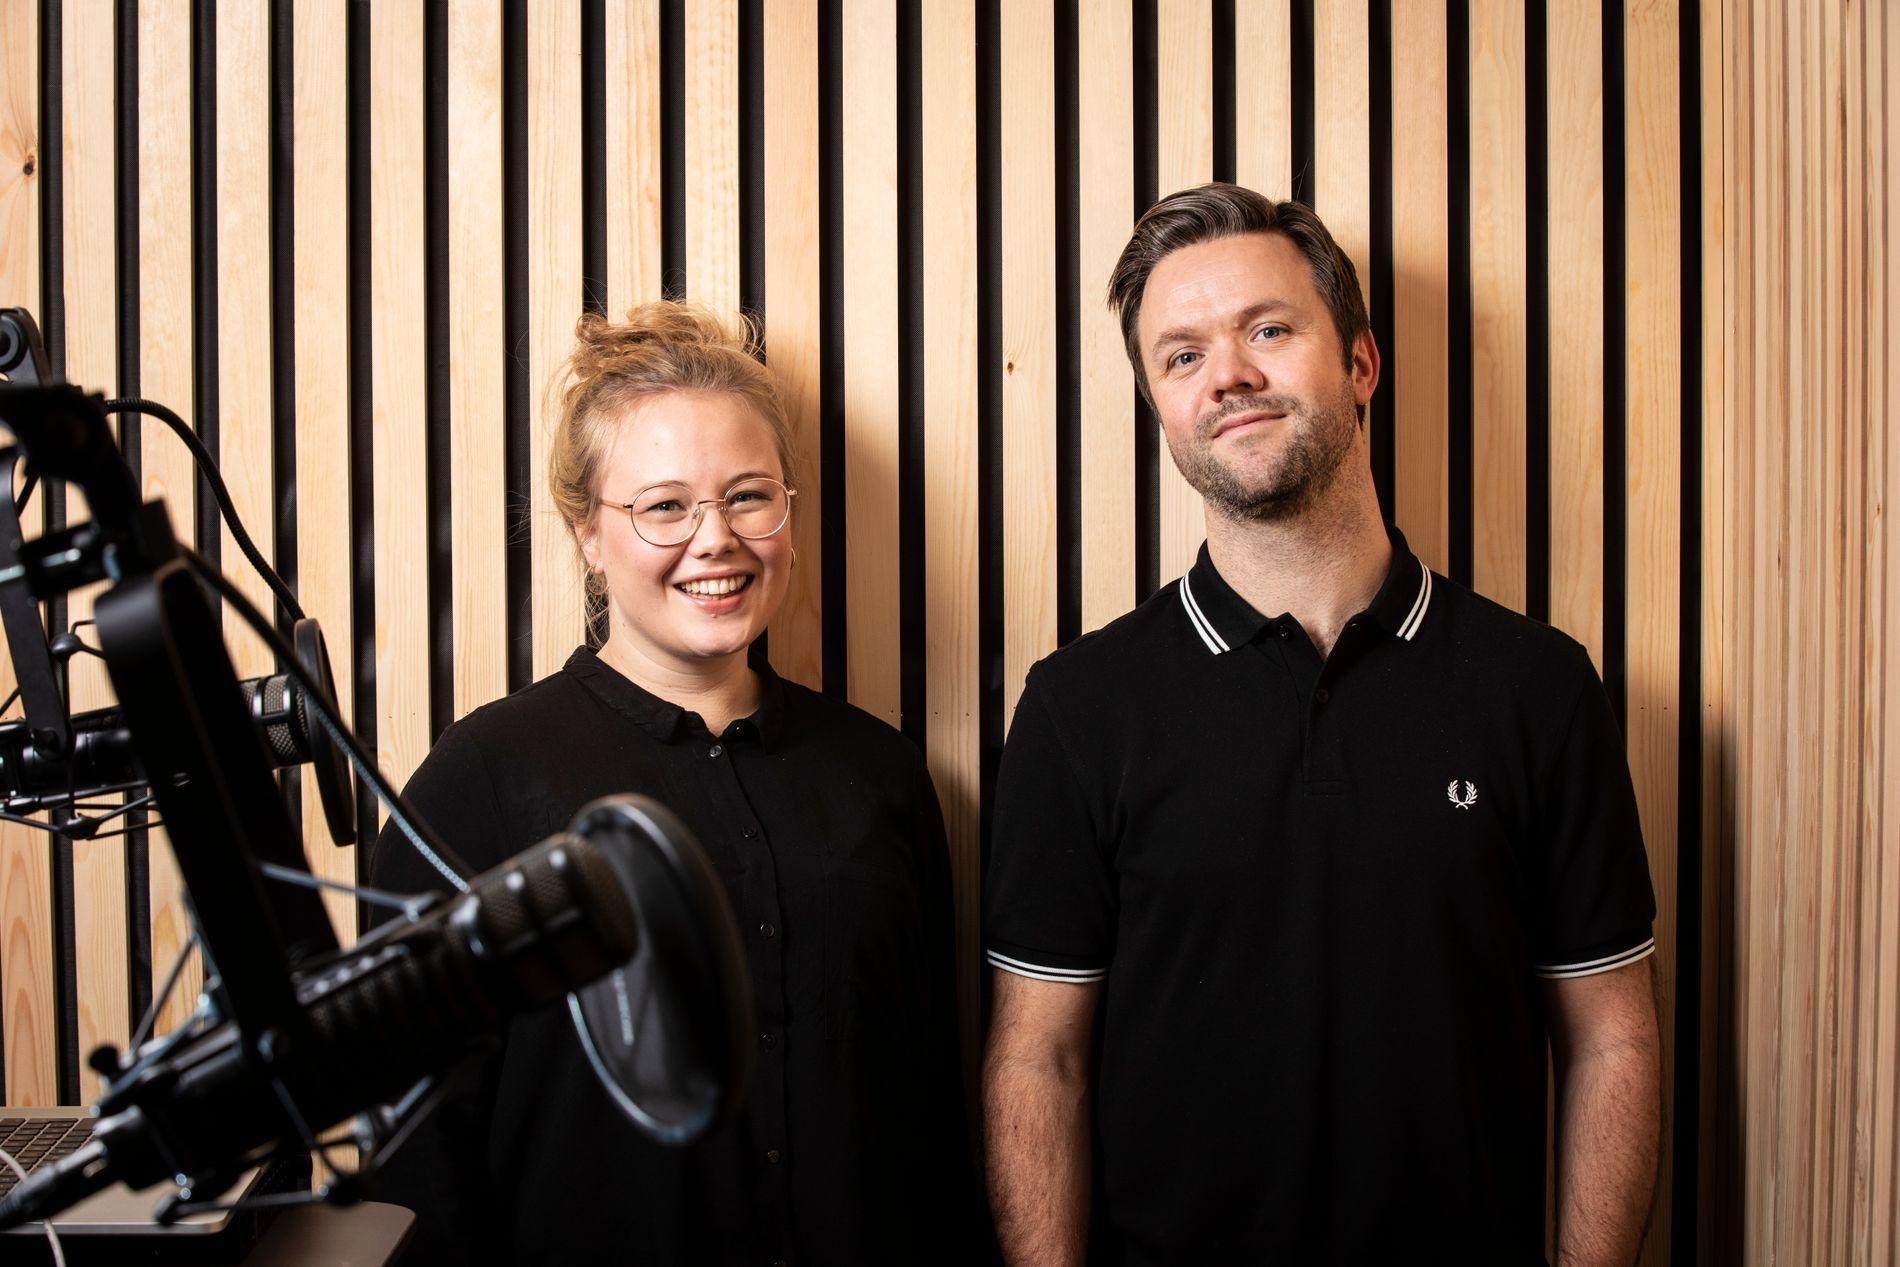 KLAR FOR POD: BT lanserer kulturpodkasten «Republikken» fredag 11. januar. I studio står programleder Kjetil Ullebø (til h.), til daglig kulturjournalist i BT, og Guro Holm Bergesen, nyhetsleder for kultur i BT.